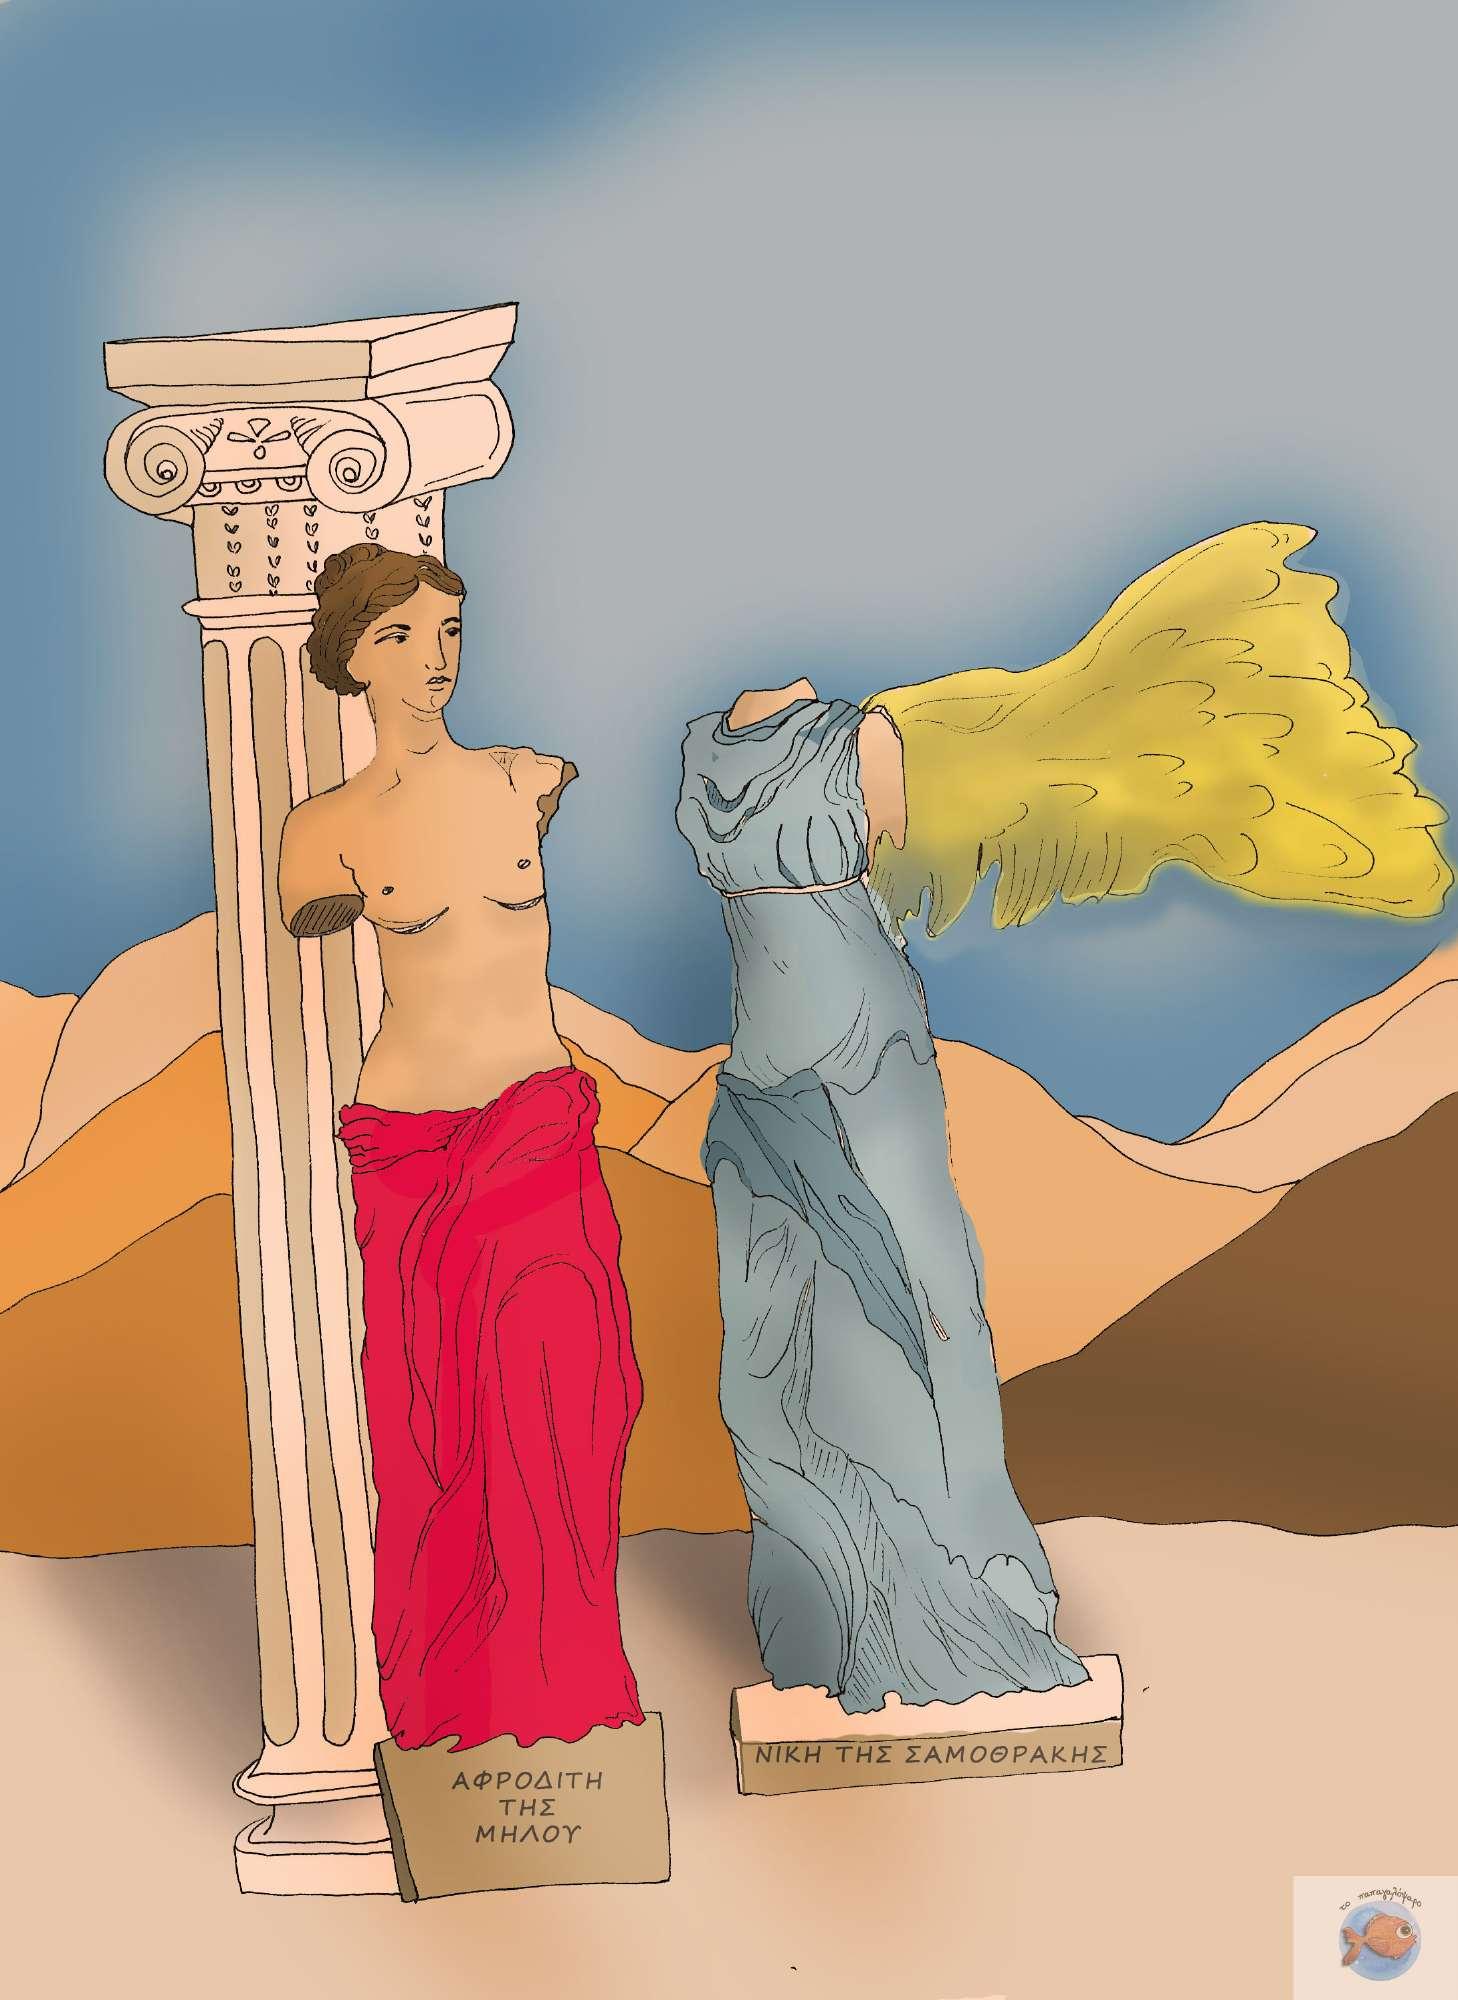 αγάλματα- αριστουργήματα του ένδοξου παρελθόντος της Ελλάδας που θα έπρεπε όλοι να γνωρίζουμε!